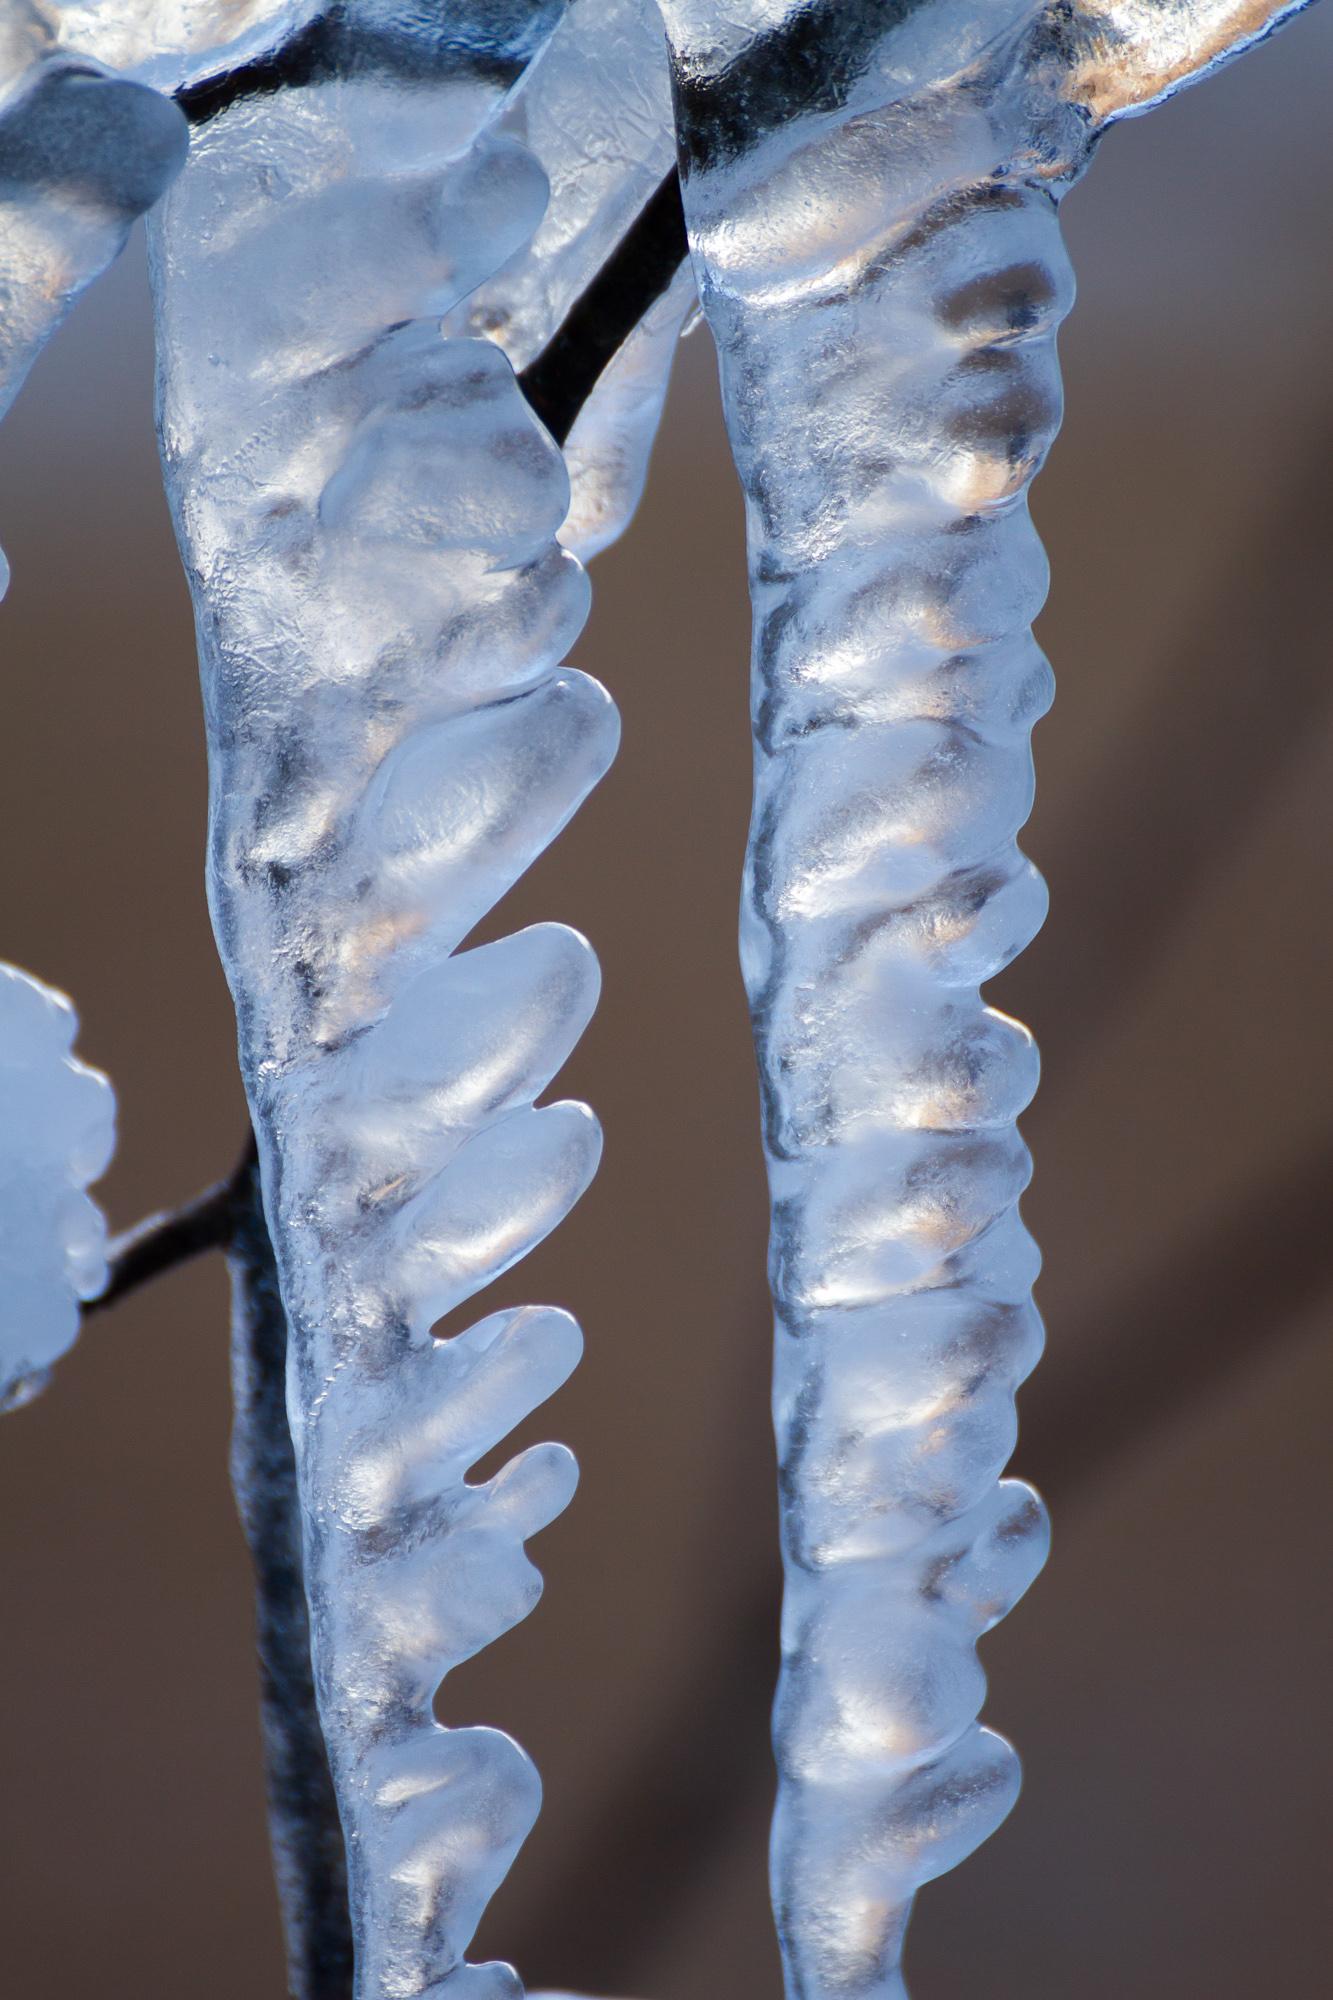 凍てつきの造形 Ⅵ